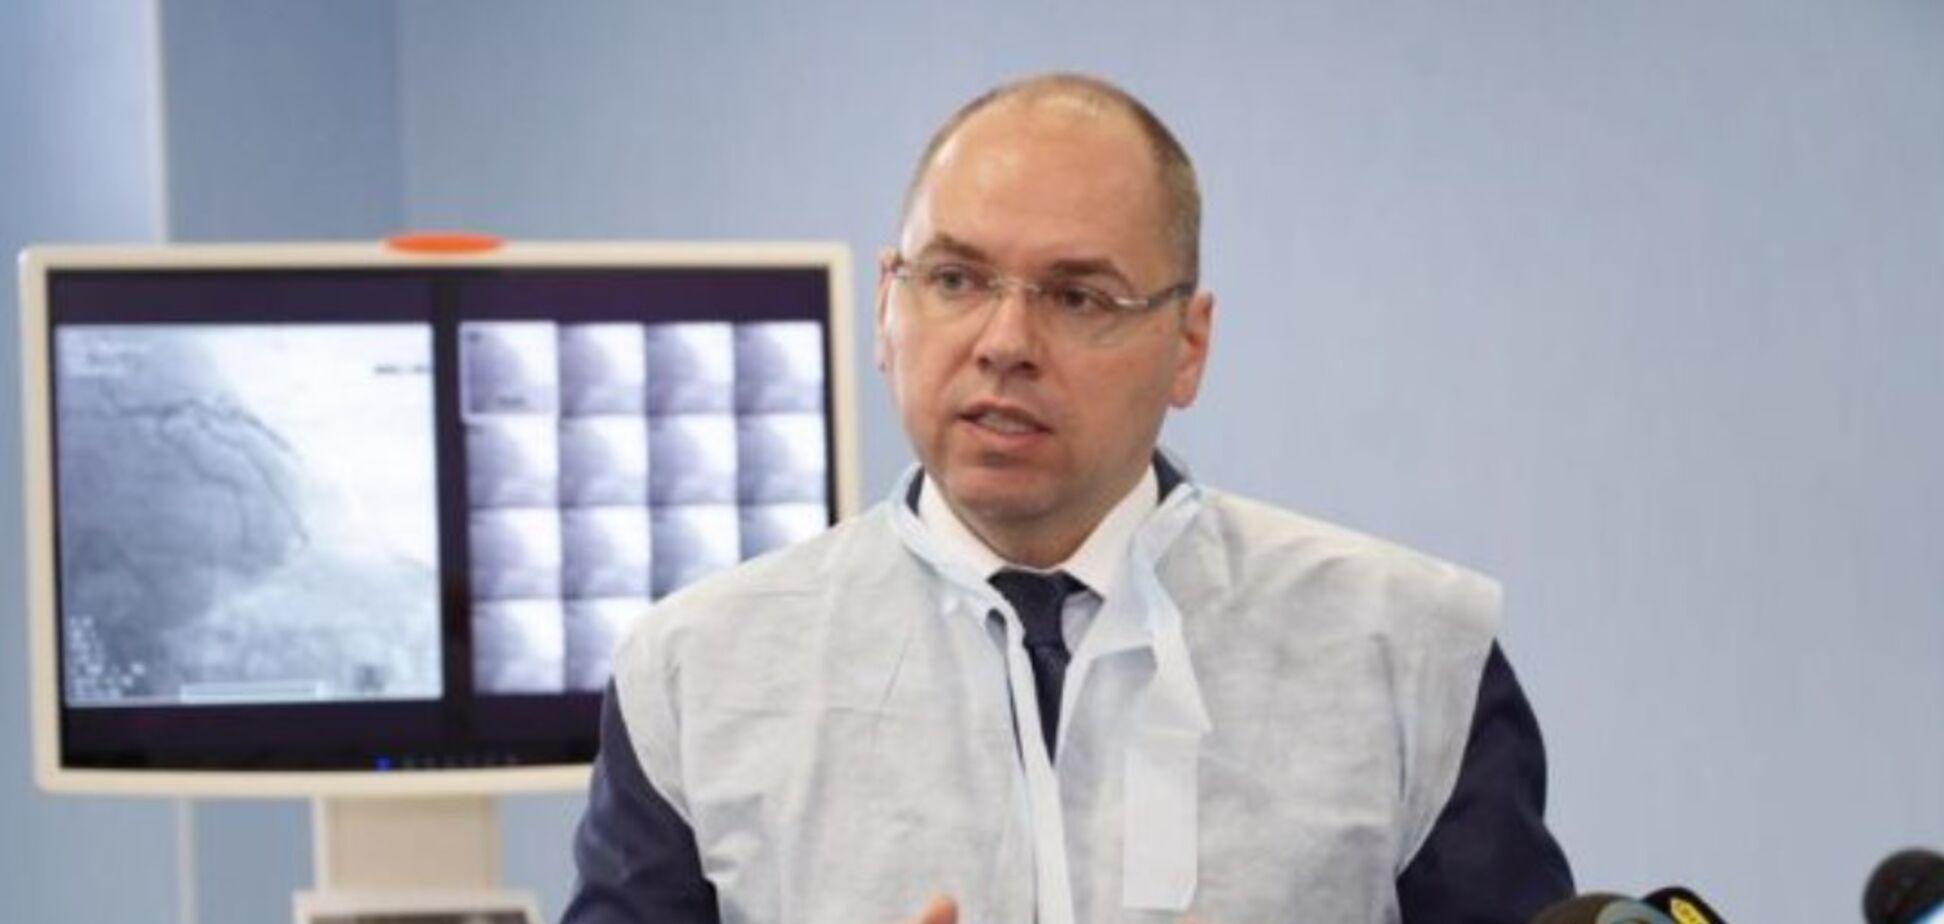 Степанов пояснив, чому пологи в Україні не можуть бути безкоштовними